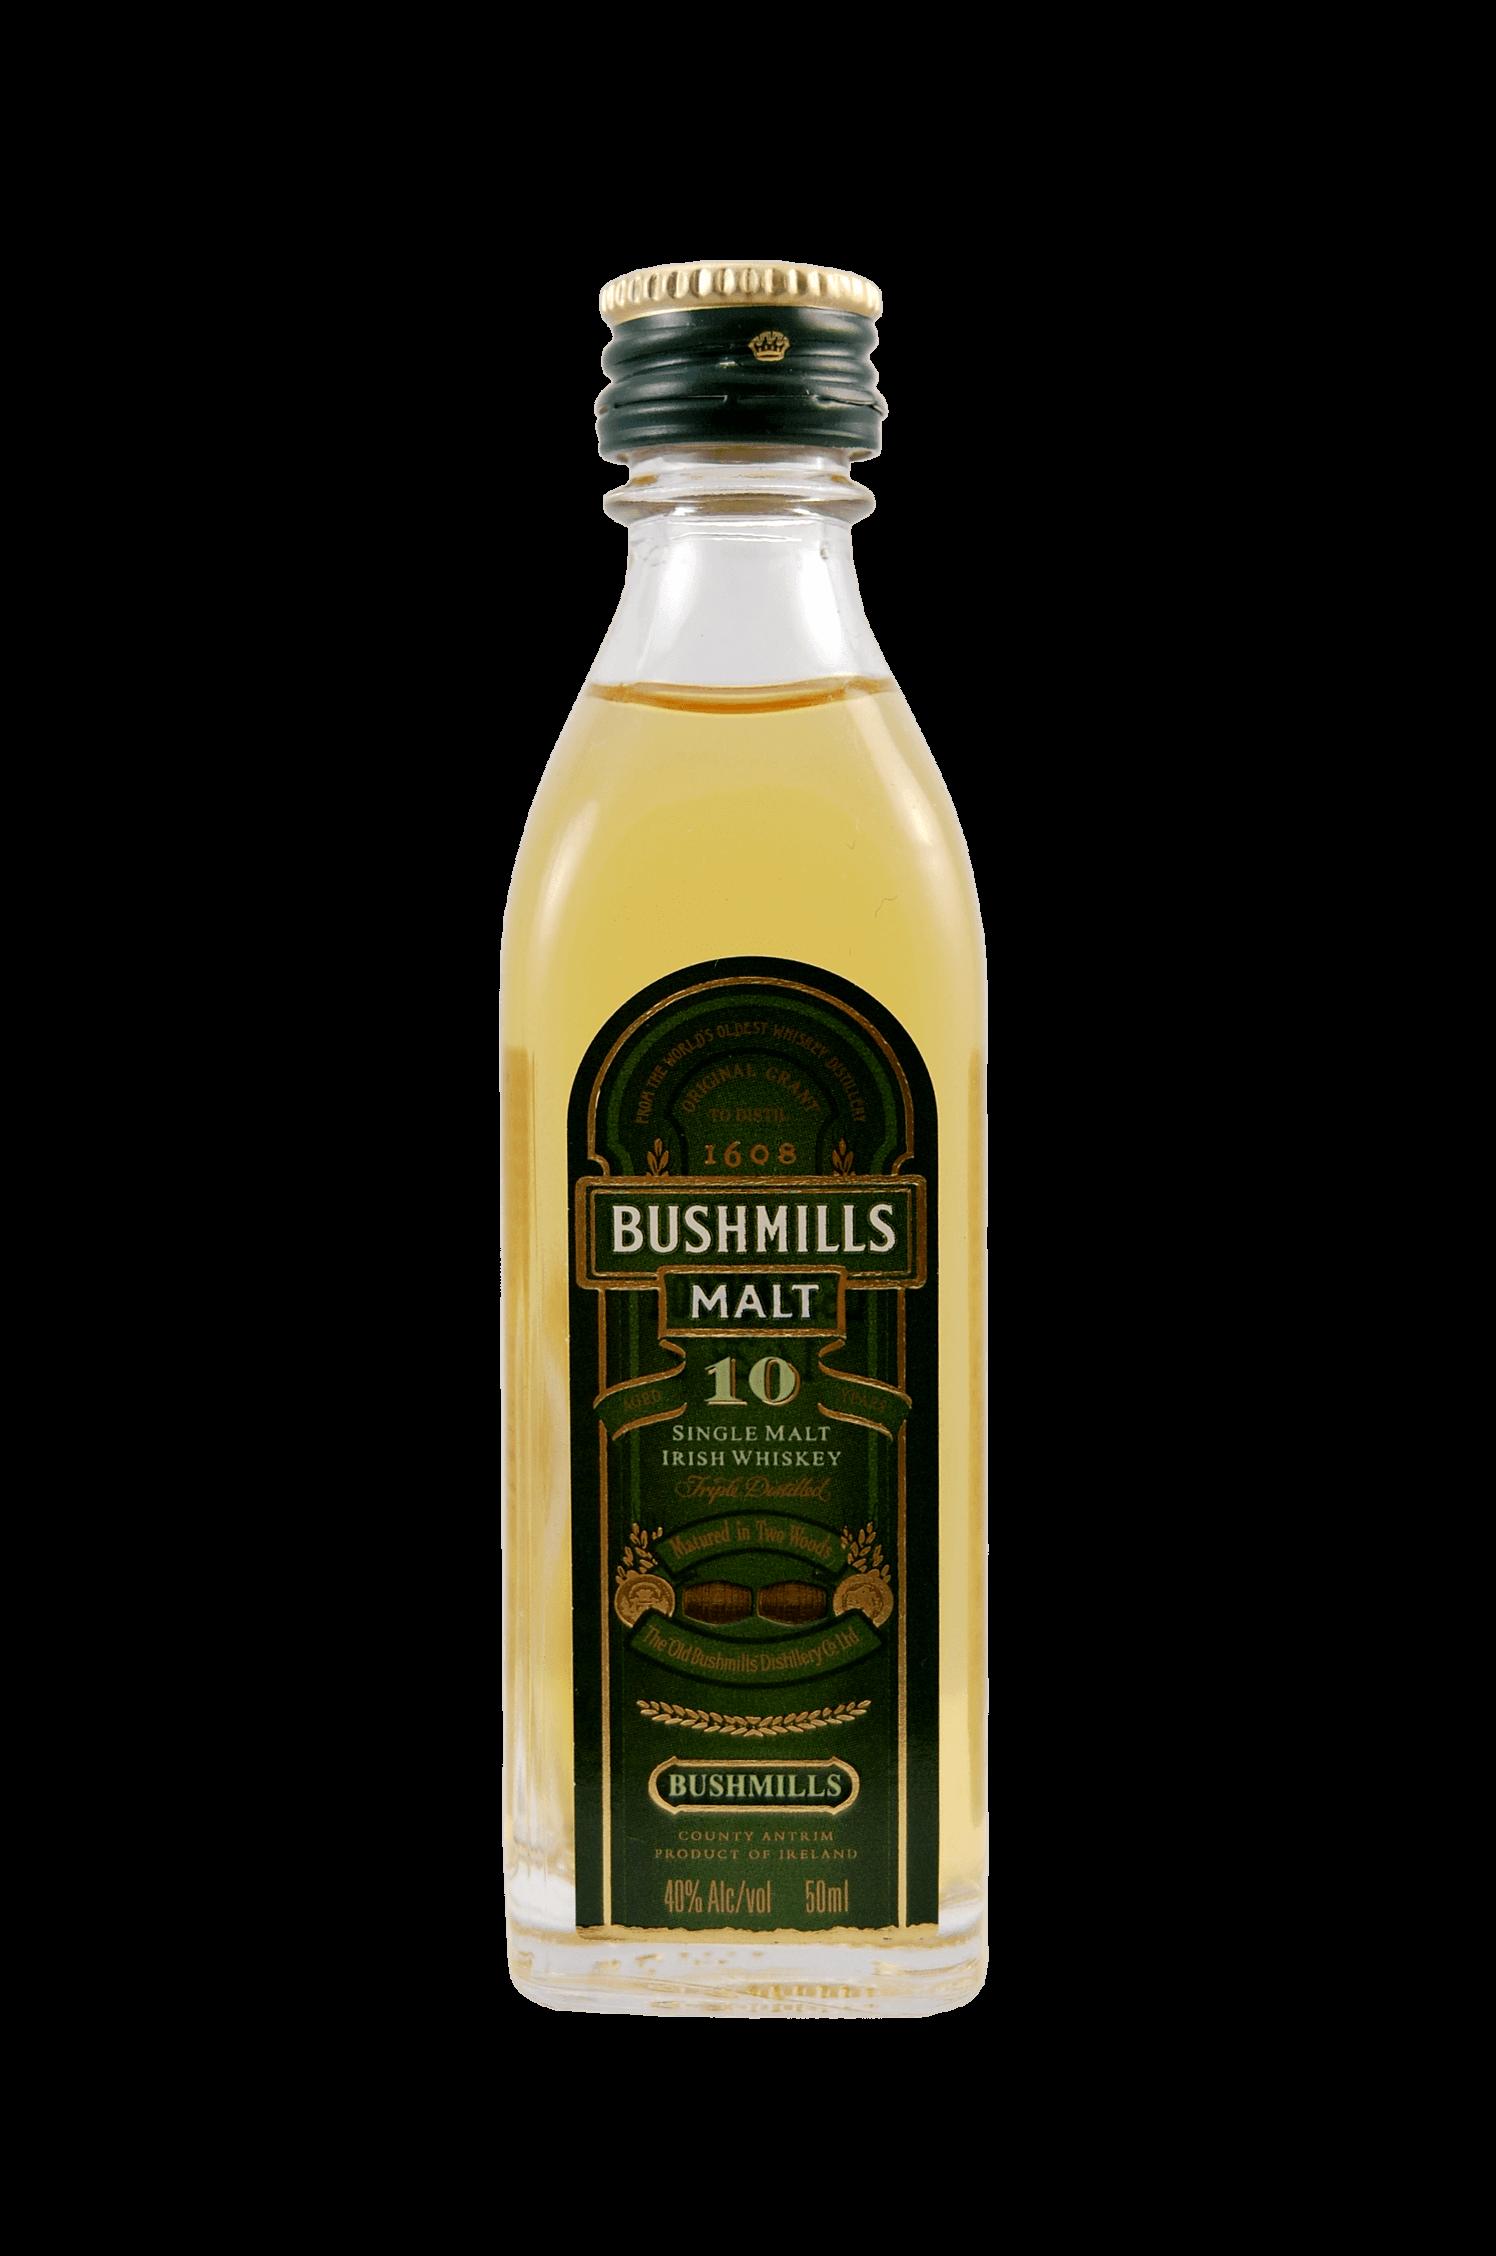 Bushmills Malt